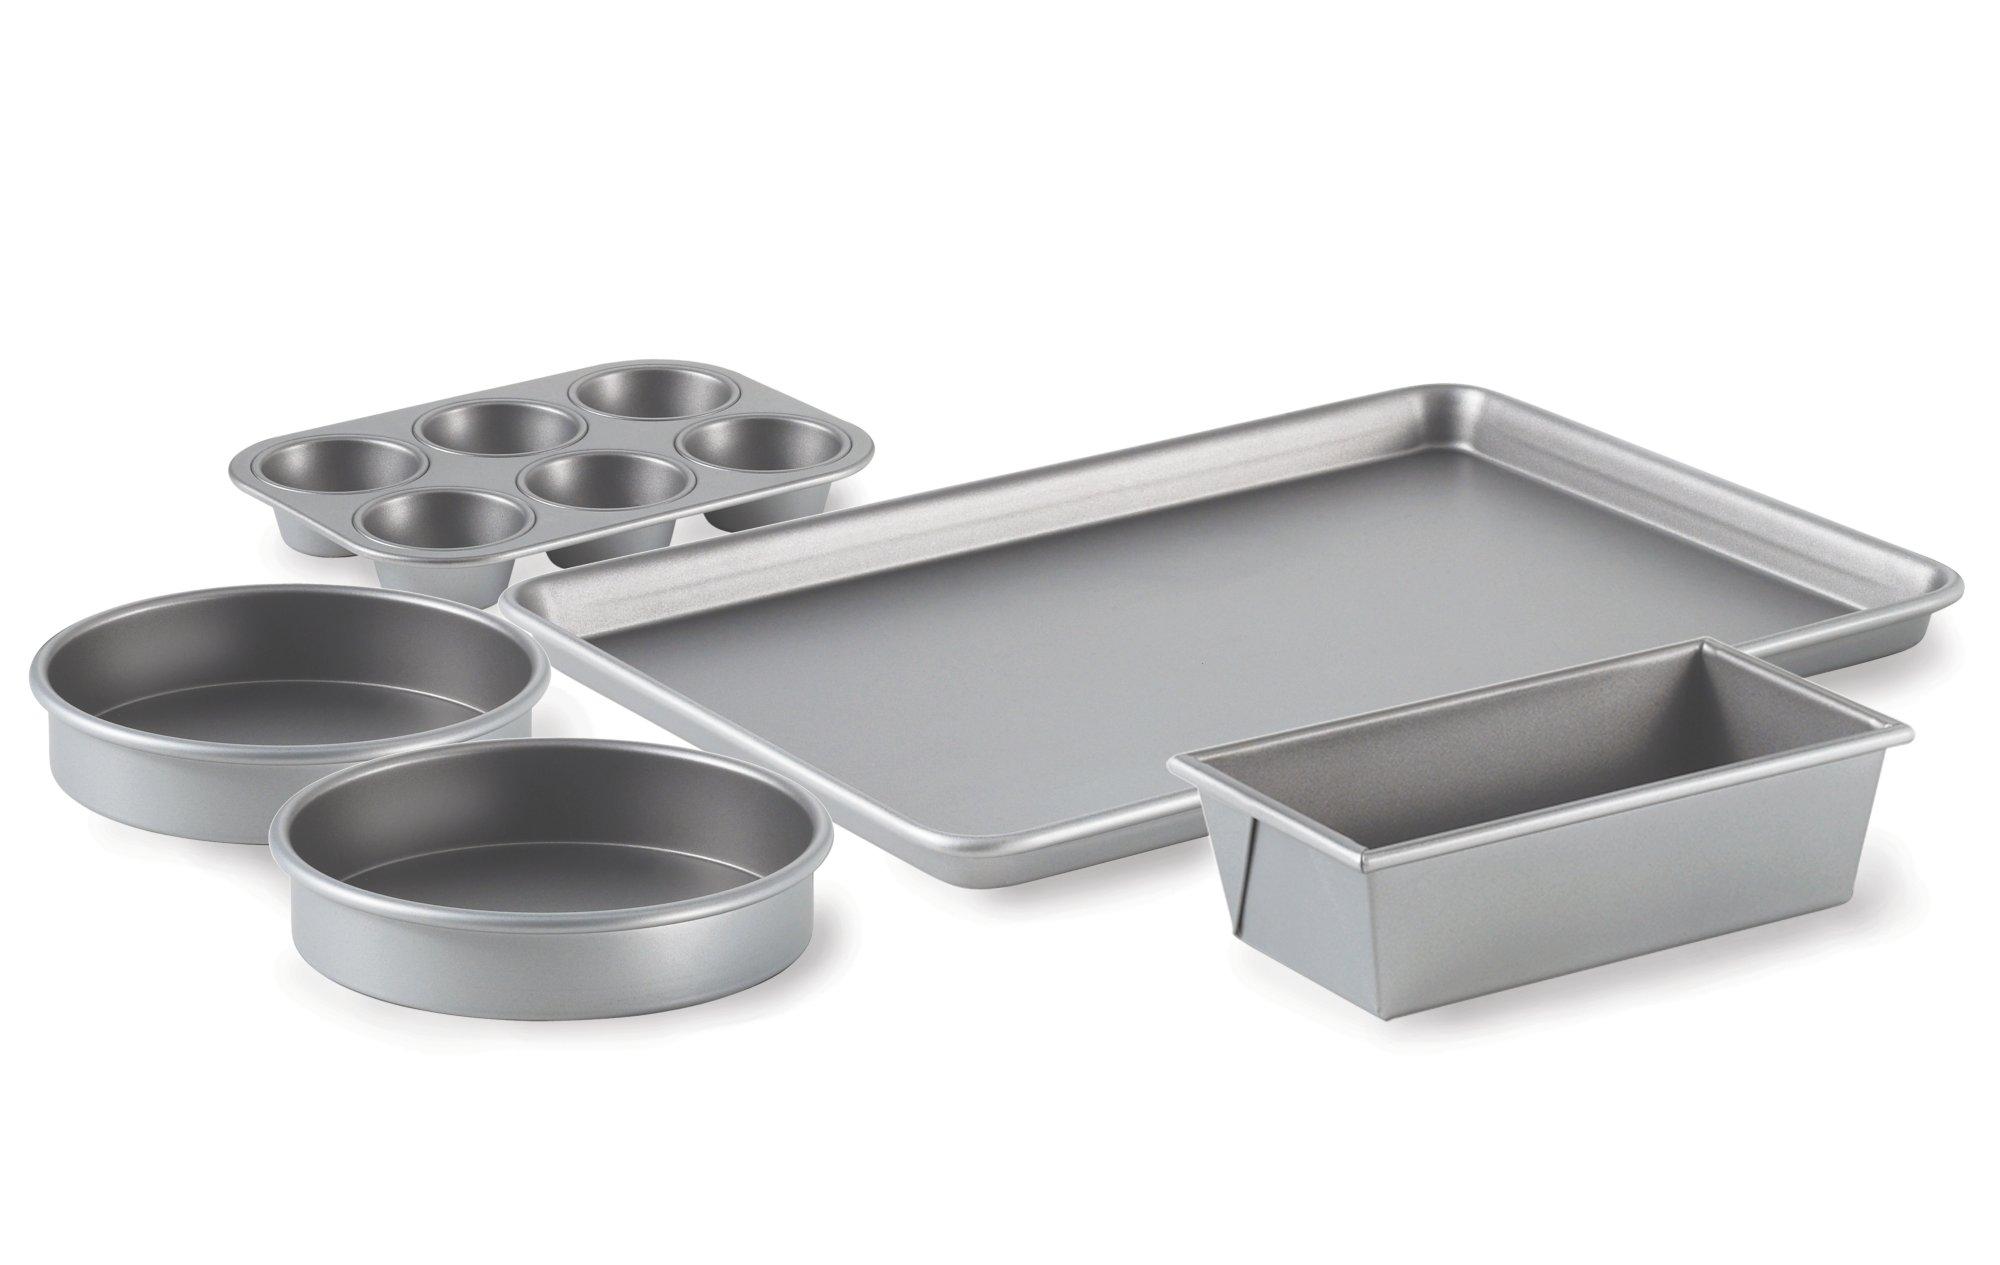 Calphalon Nonstick Bakeware 5-pc. Bakeware Set